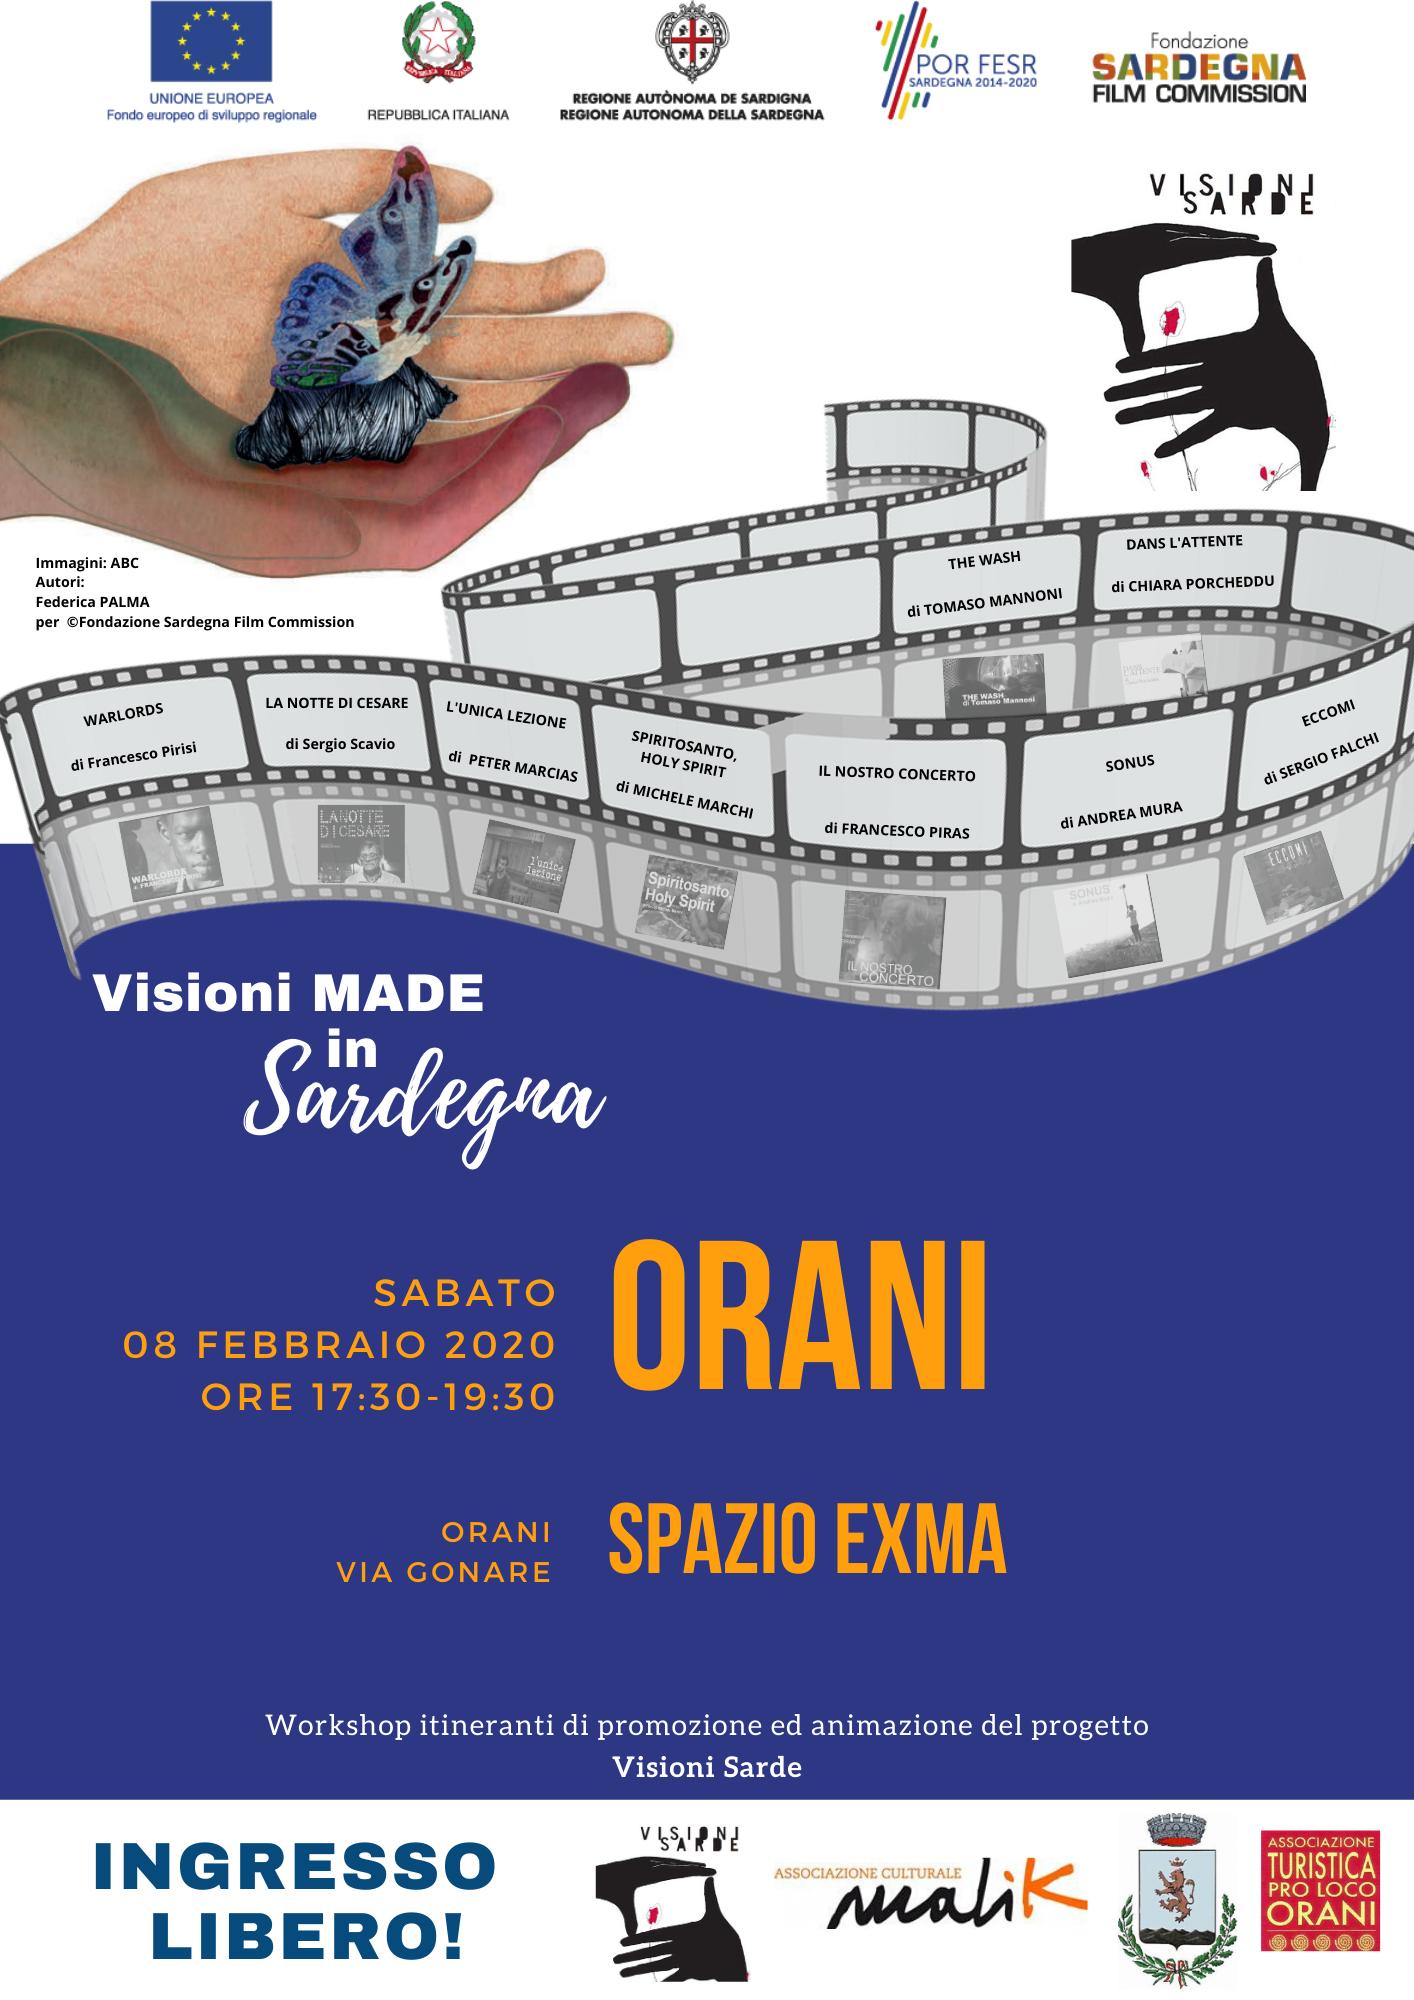 orani-visioni-sarde-a4